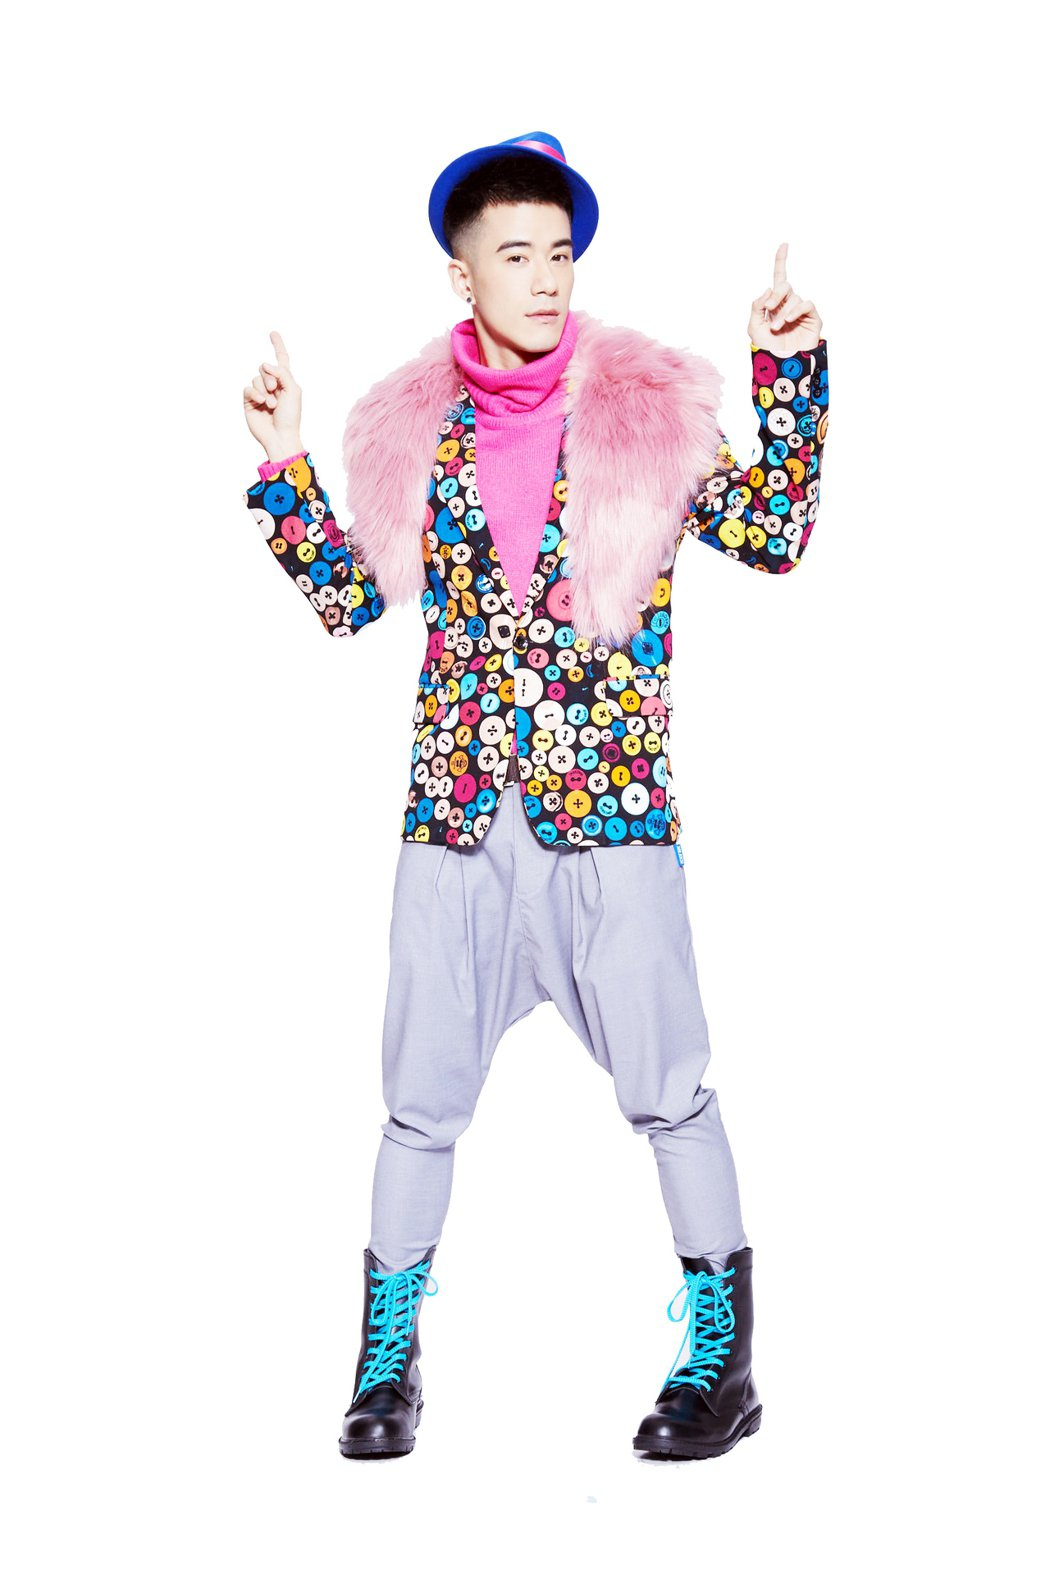 JR舞台劇裝扮五顏六色,自嘲是鸚鵡裝。圖/寬宏提供